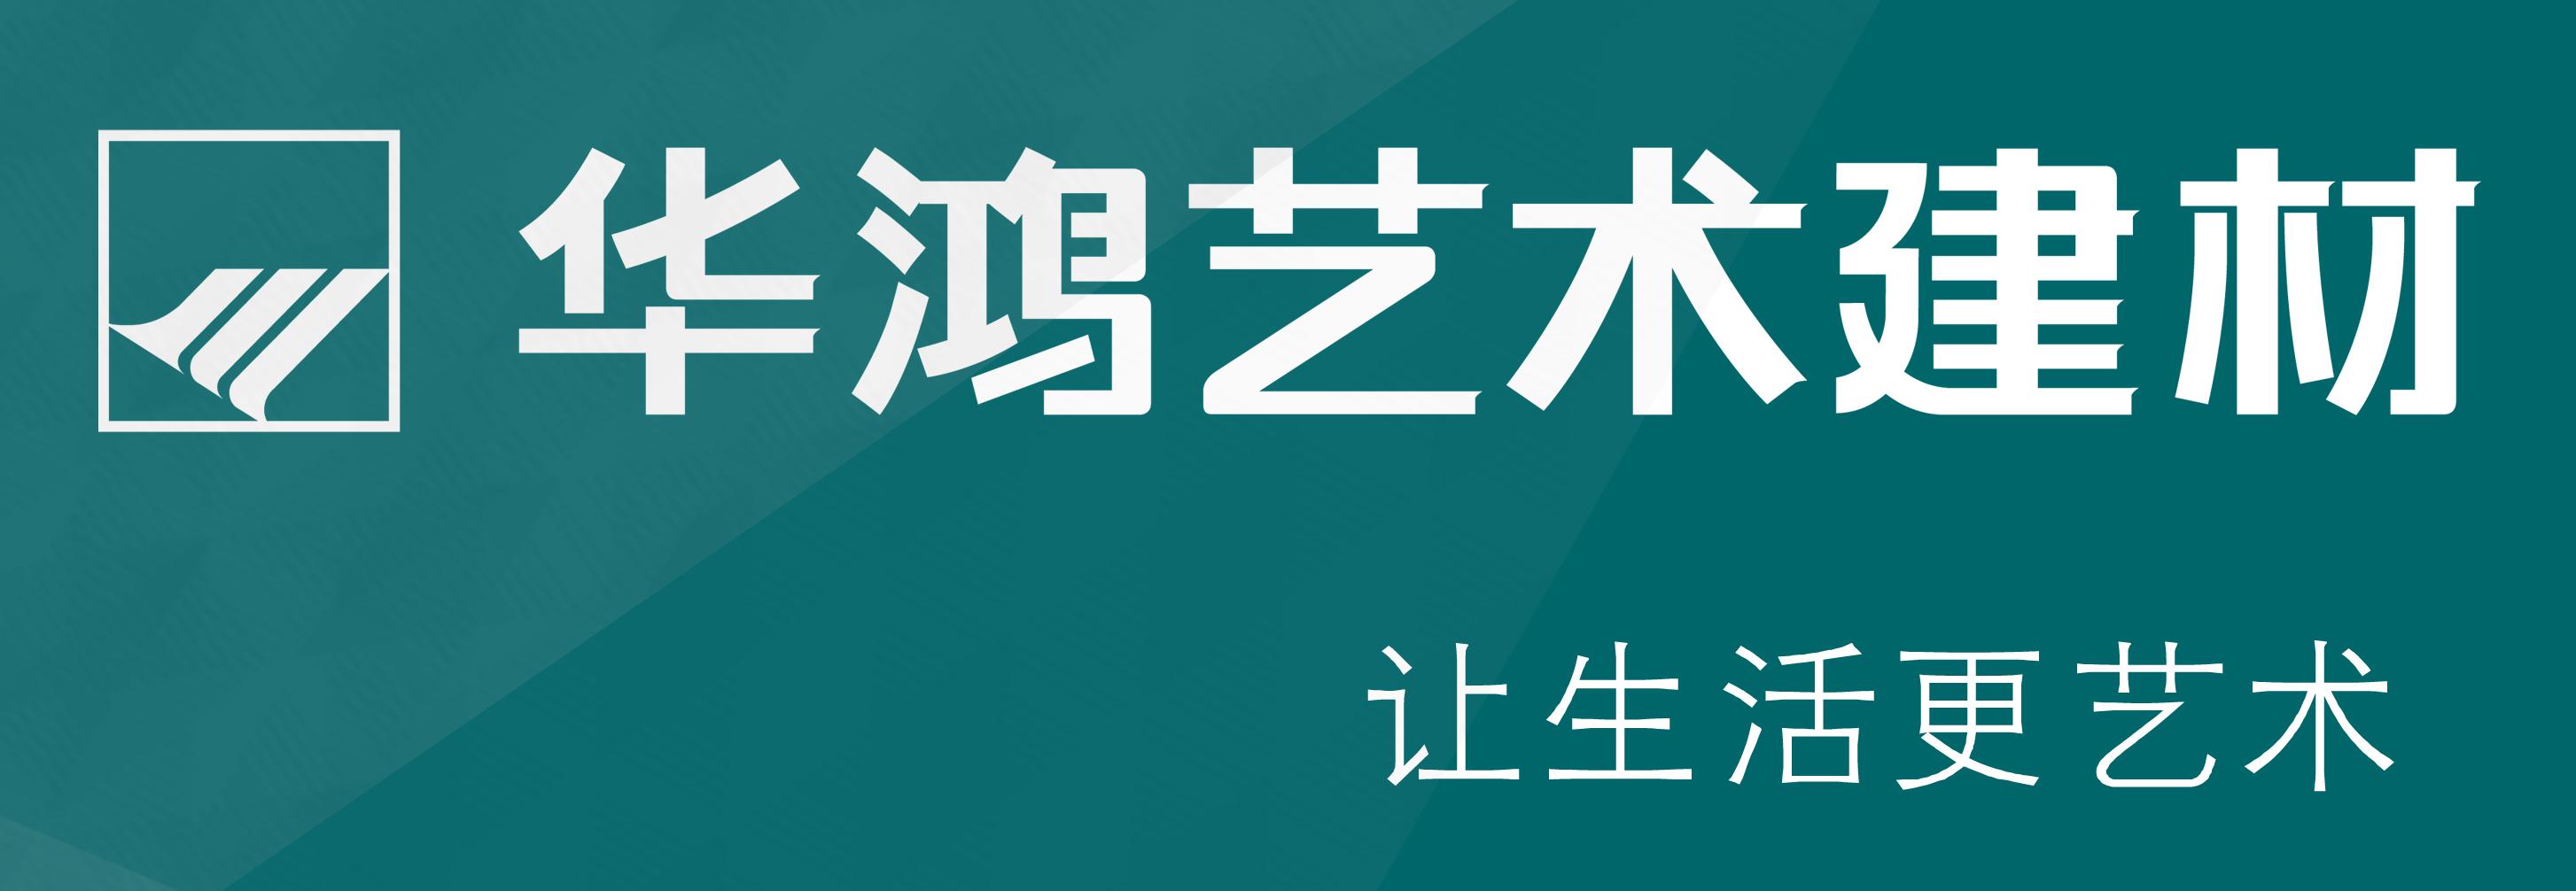 公司名称:浙江天下画仓文化创意有限公司图片